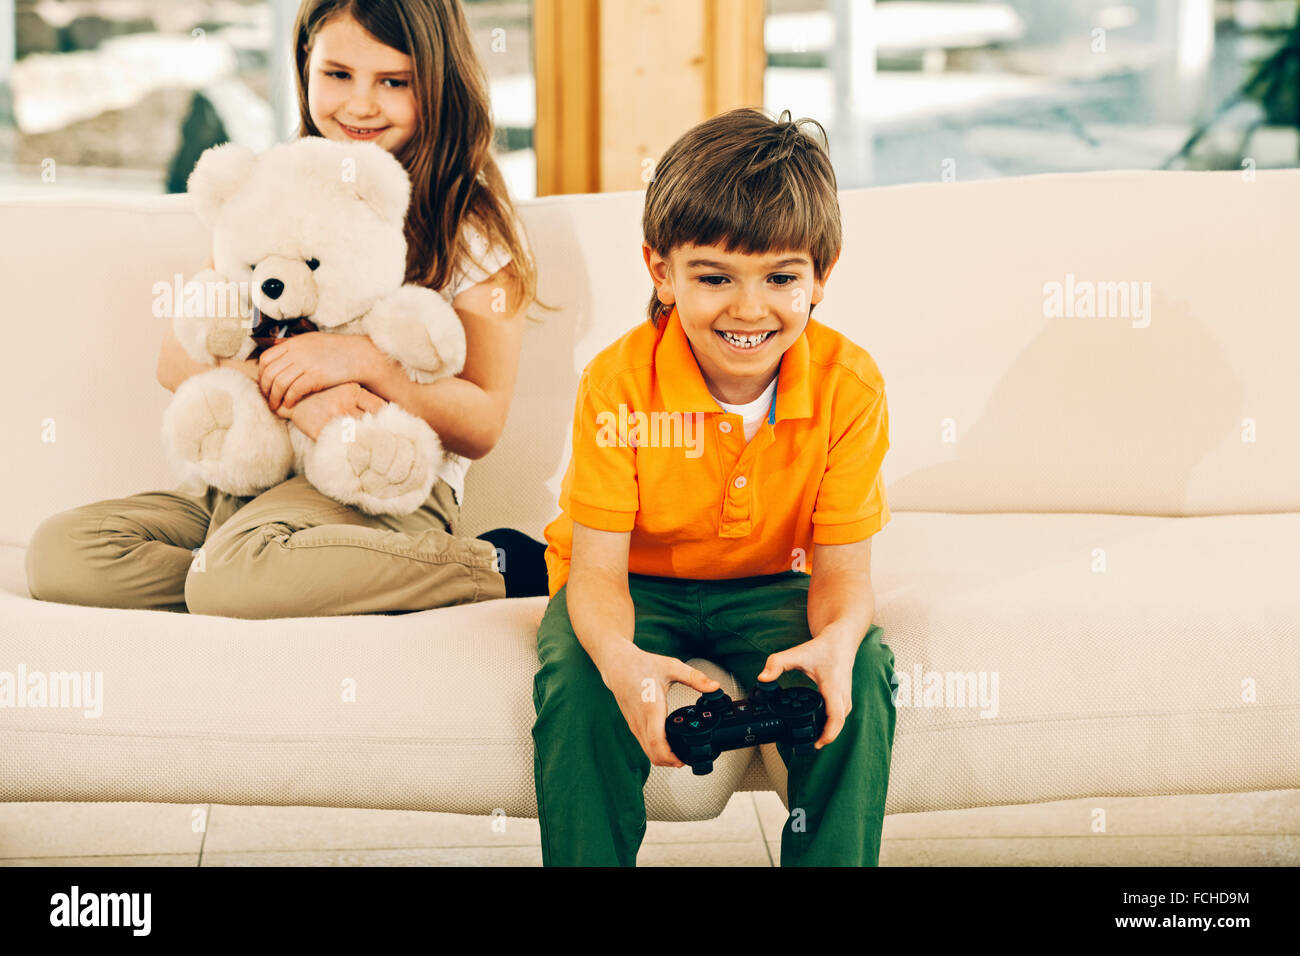 Junge Videospiel im Wohnzimmer Schwester hält Teddybär Stockbild